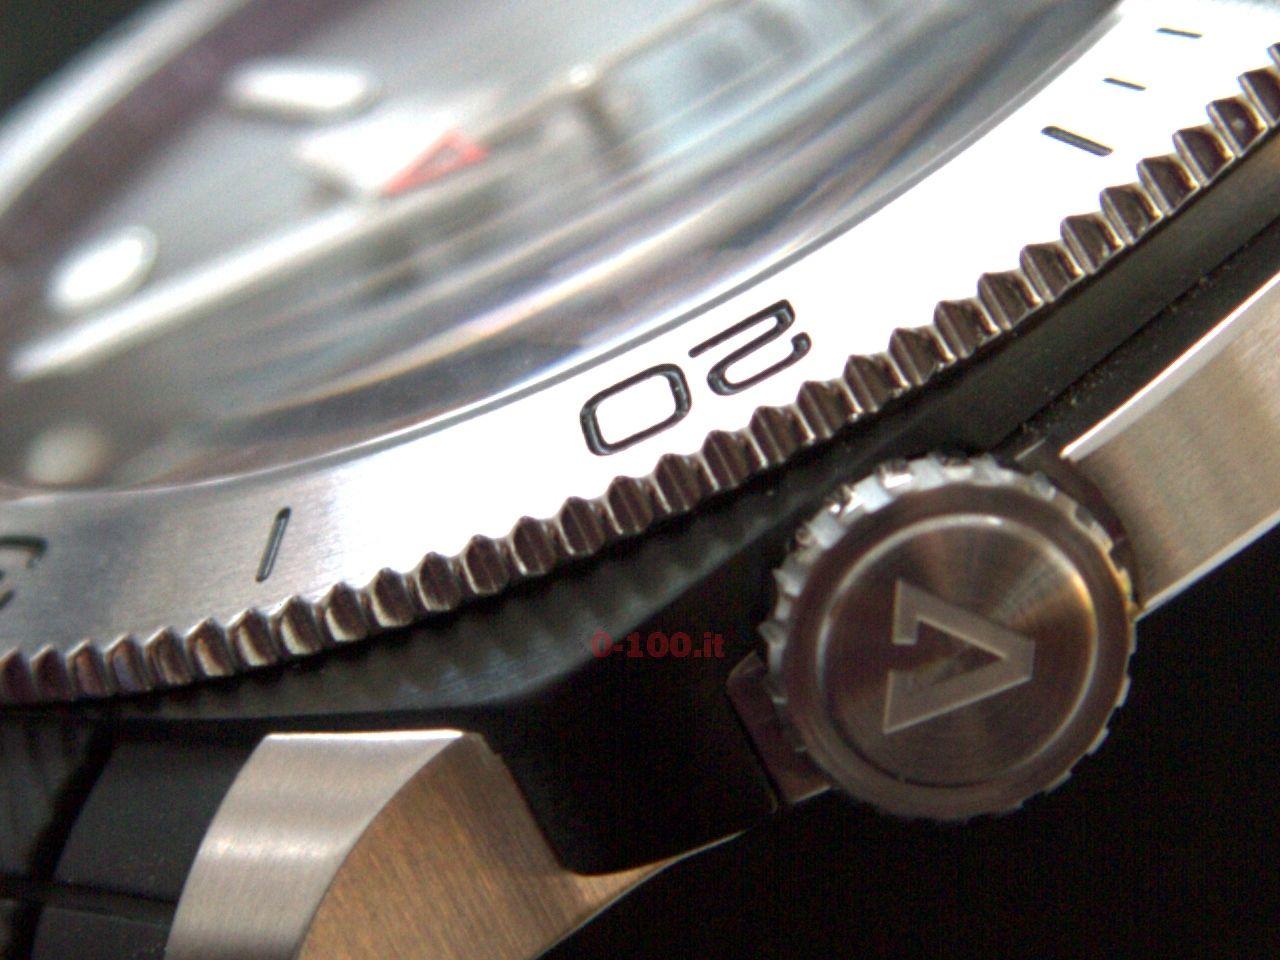 anonimo_militare-nautilo-chrono-date-bronze-prezzo-price-negozi-dealer-0-100_16